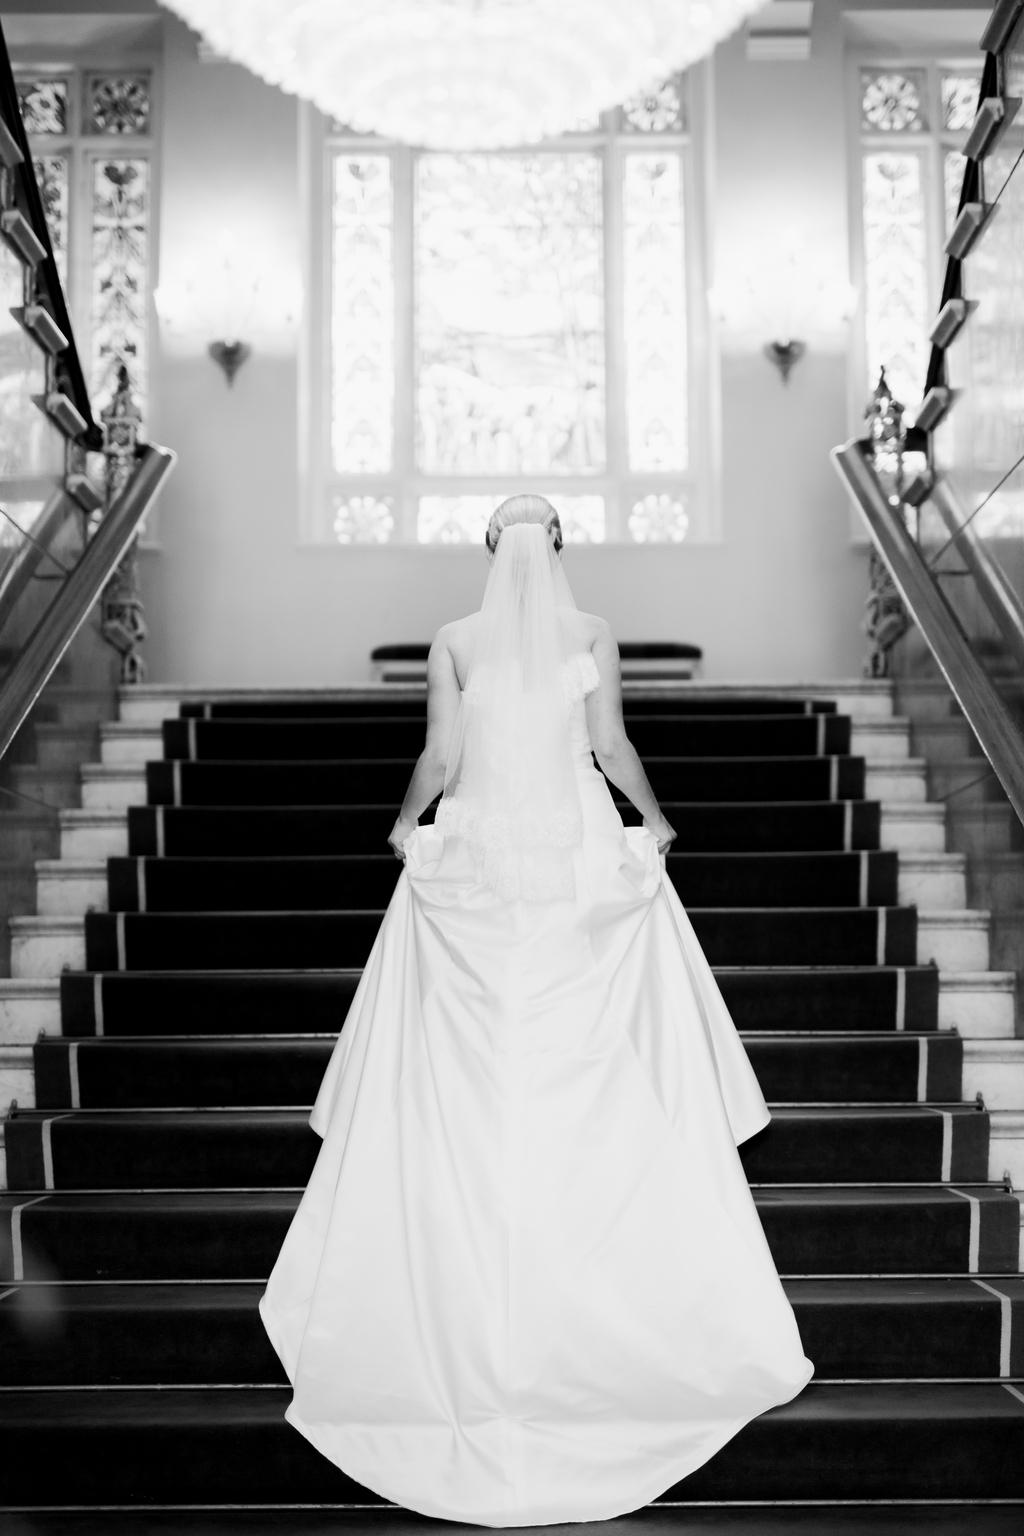 Bröllopsfotografering Lund av Kajsas Foto - bröllopsfotograf Skåne - bröllopsfotograf Lund